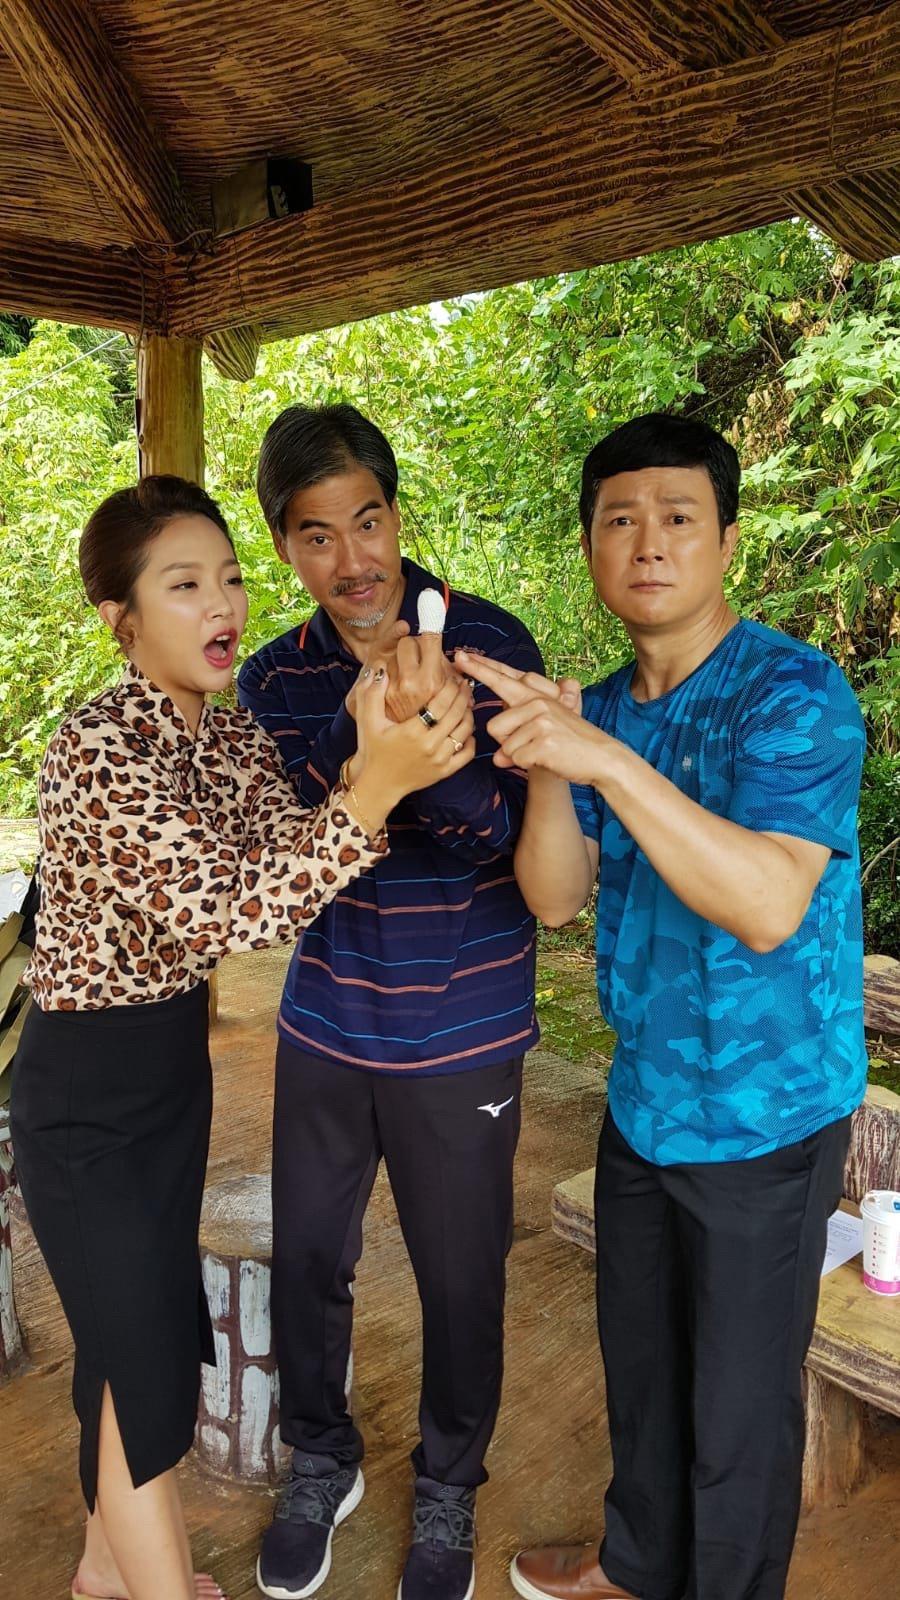 翁家明切水果受傷,王燦(右)、賴慧如上前安慰。民視提供